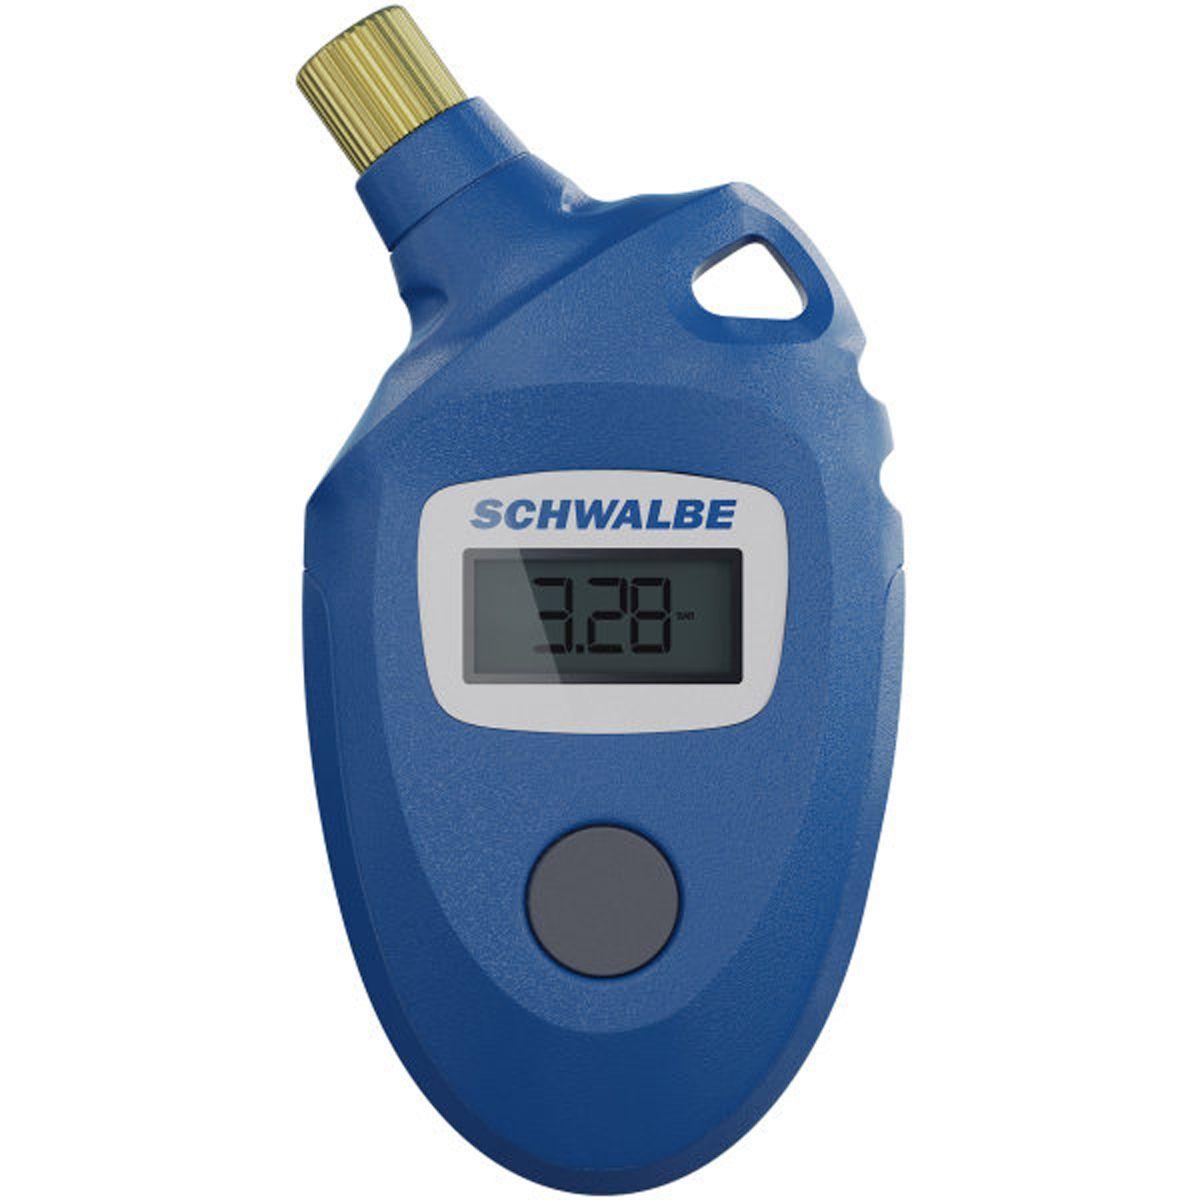 Fahrradteile/Pumpen: Schwalbe  Airmax Pro digitaler Luftdruckprüfer